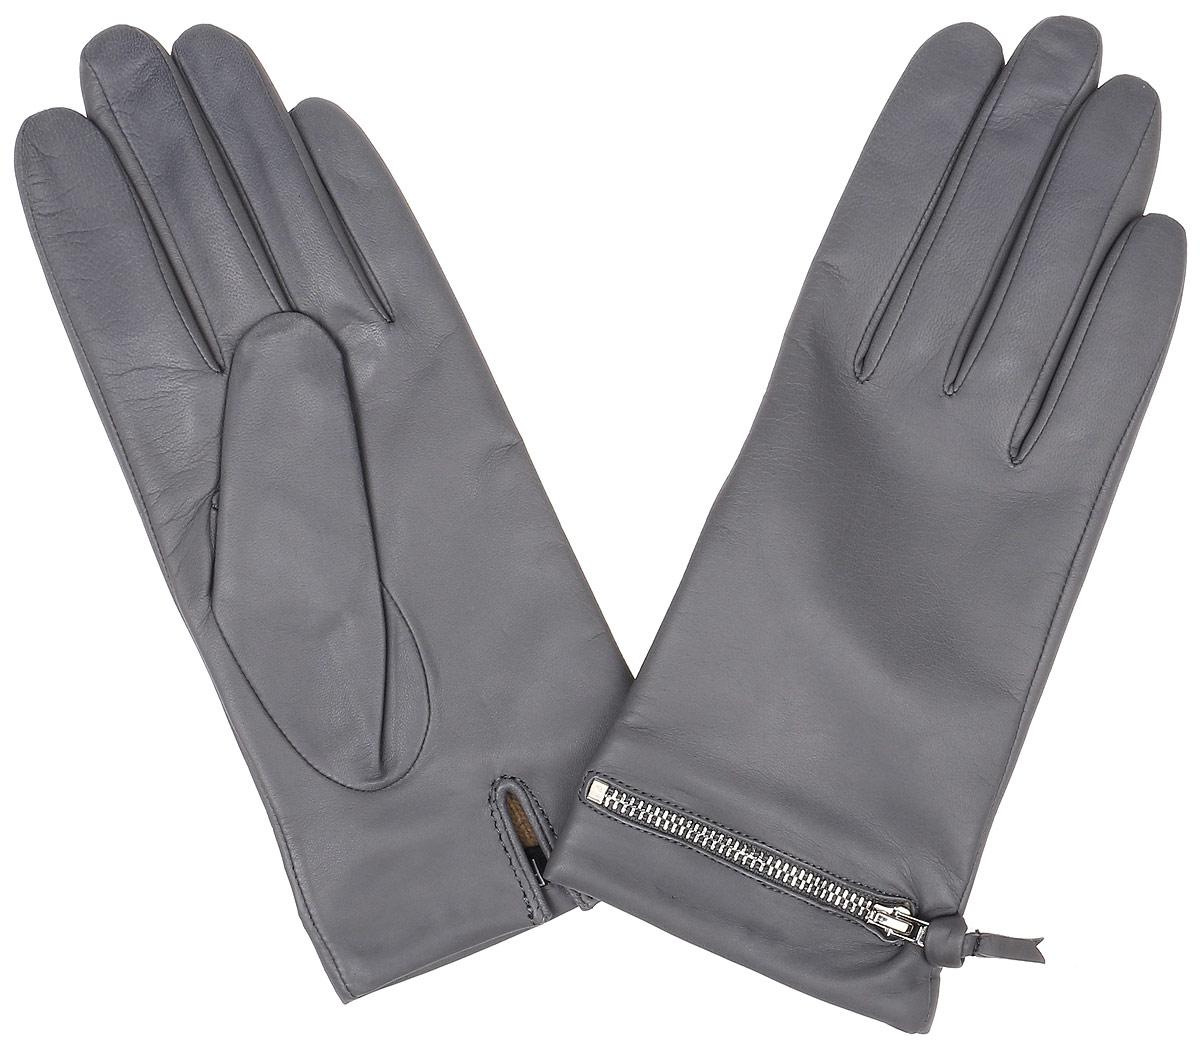 Перчатки12.32-9 greyЭлегантные женские перчатки Fabretti станут великолепным дополнением вашего образа и защитят ваши руки от холода и ветра во время прогулок. Перчатки выполнены из натуральной кожи ягненка. Модель декорирована стильной металлической змейкой. Такие перчатки будут оригинальным завершающим штрихом в создании современного модного образа, они подчеркнут ваш изысканный вкус и станут незаменимым и практичным аксессуаром.